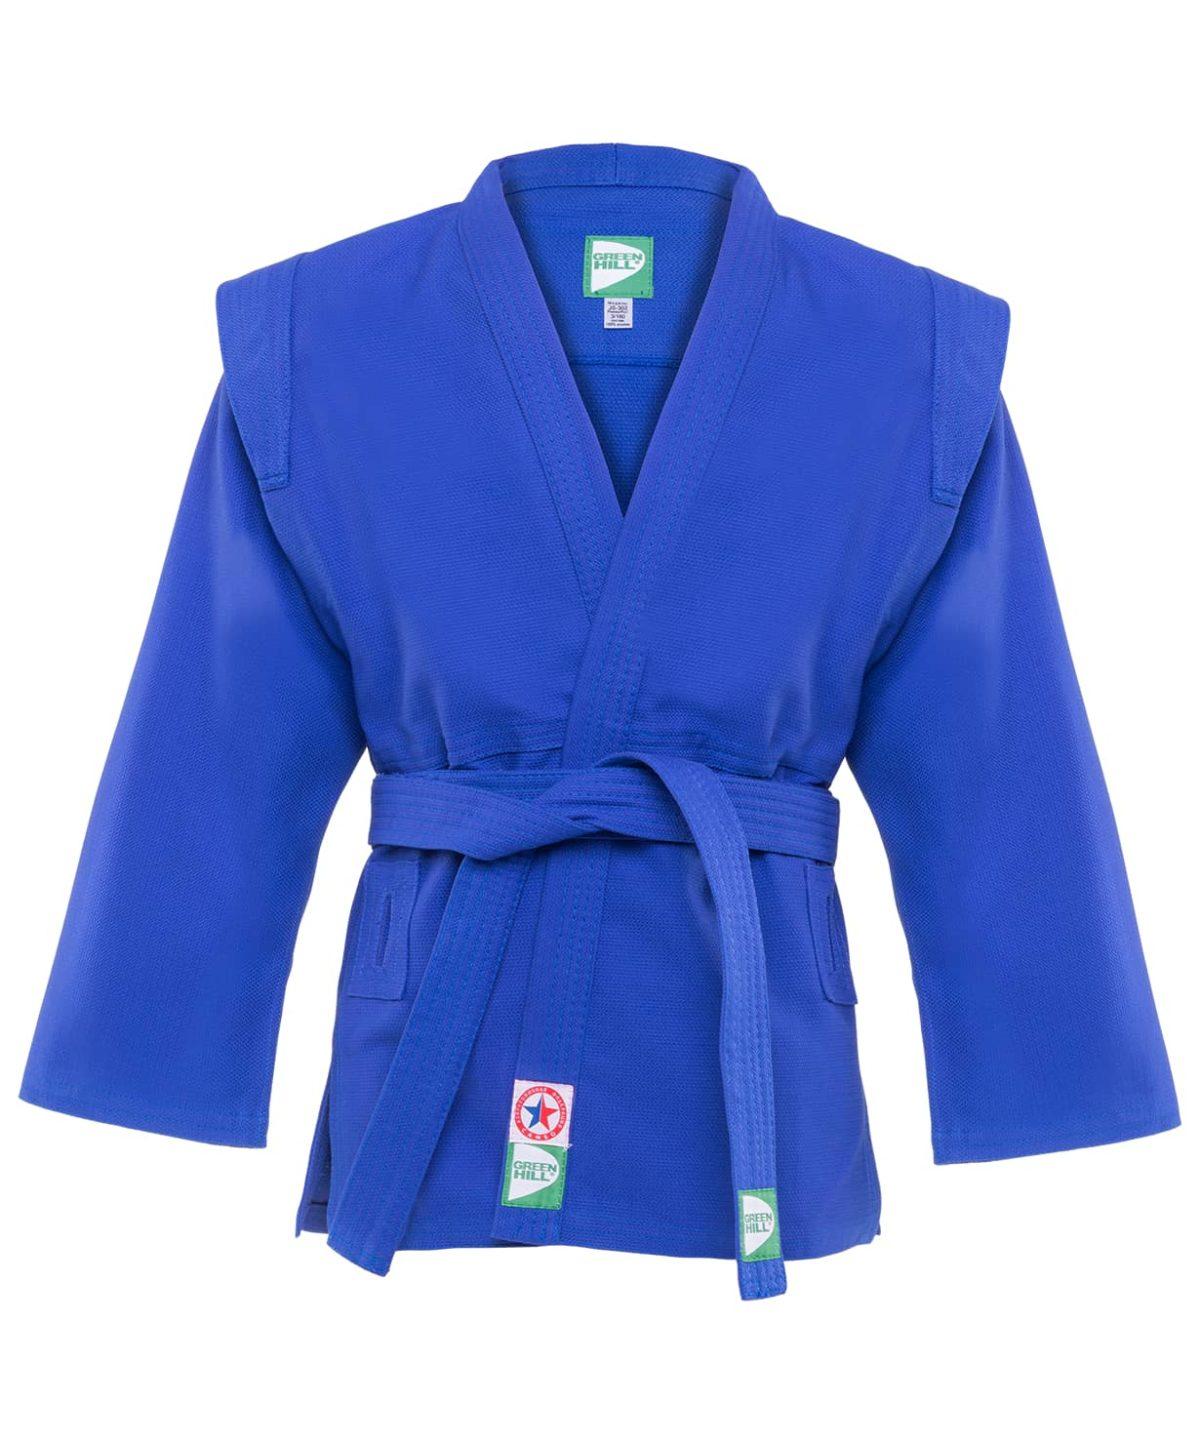 GREEN HILL Куртка для самбо 1/140  JS-302: синий - 1